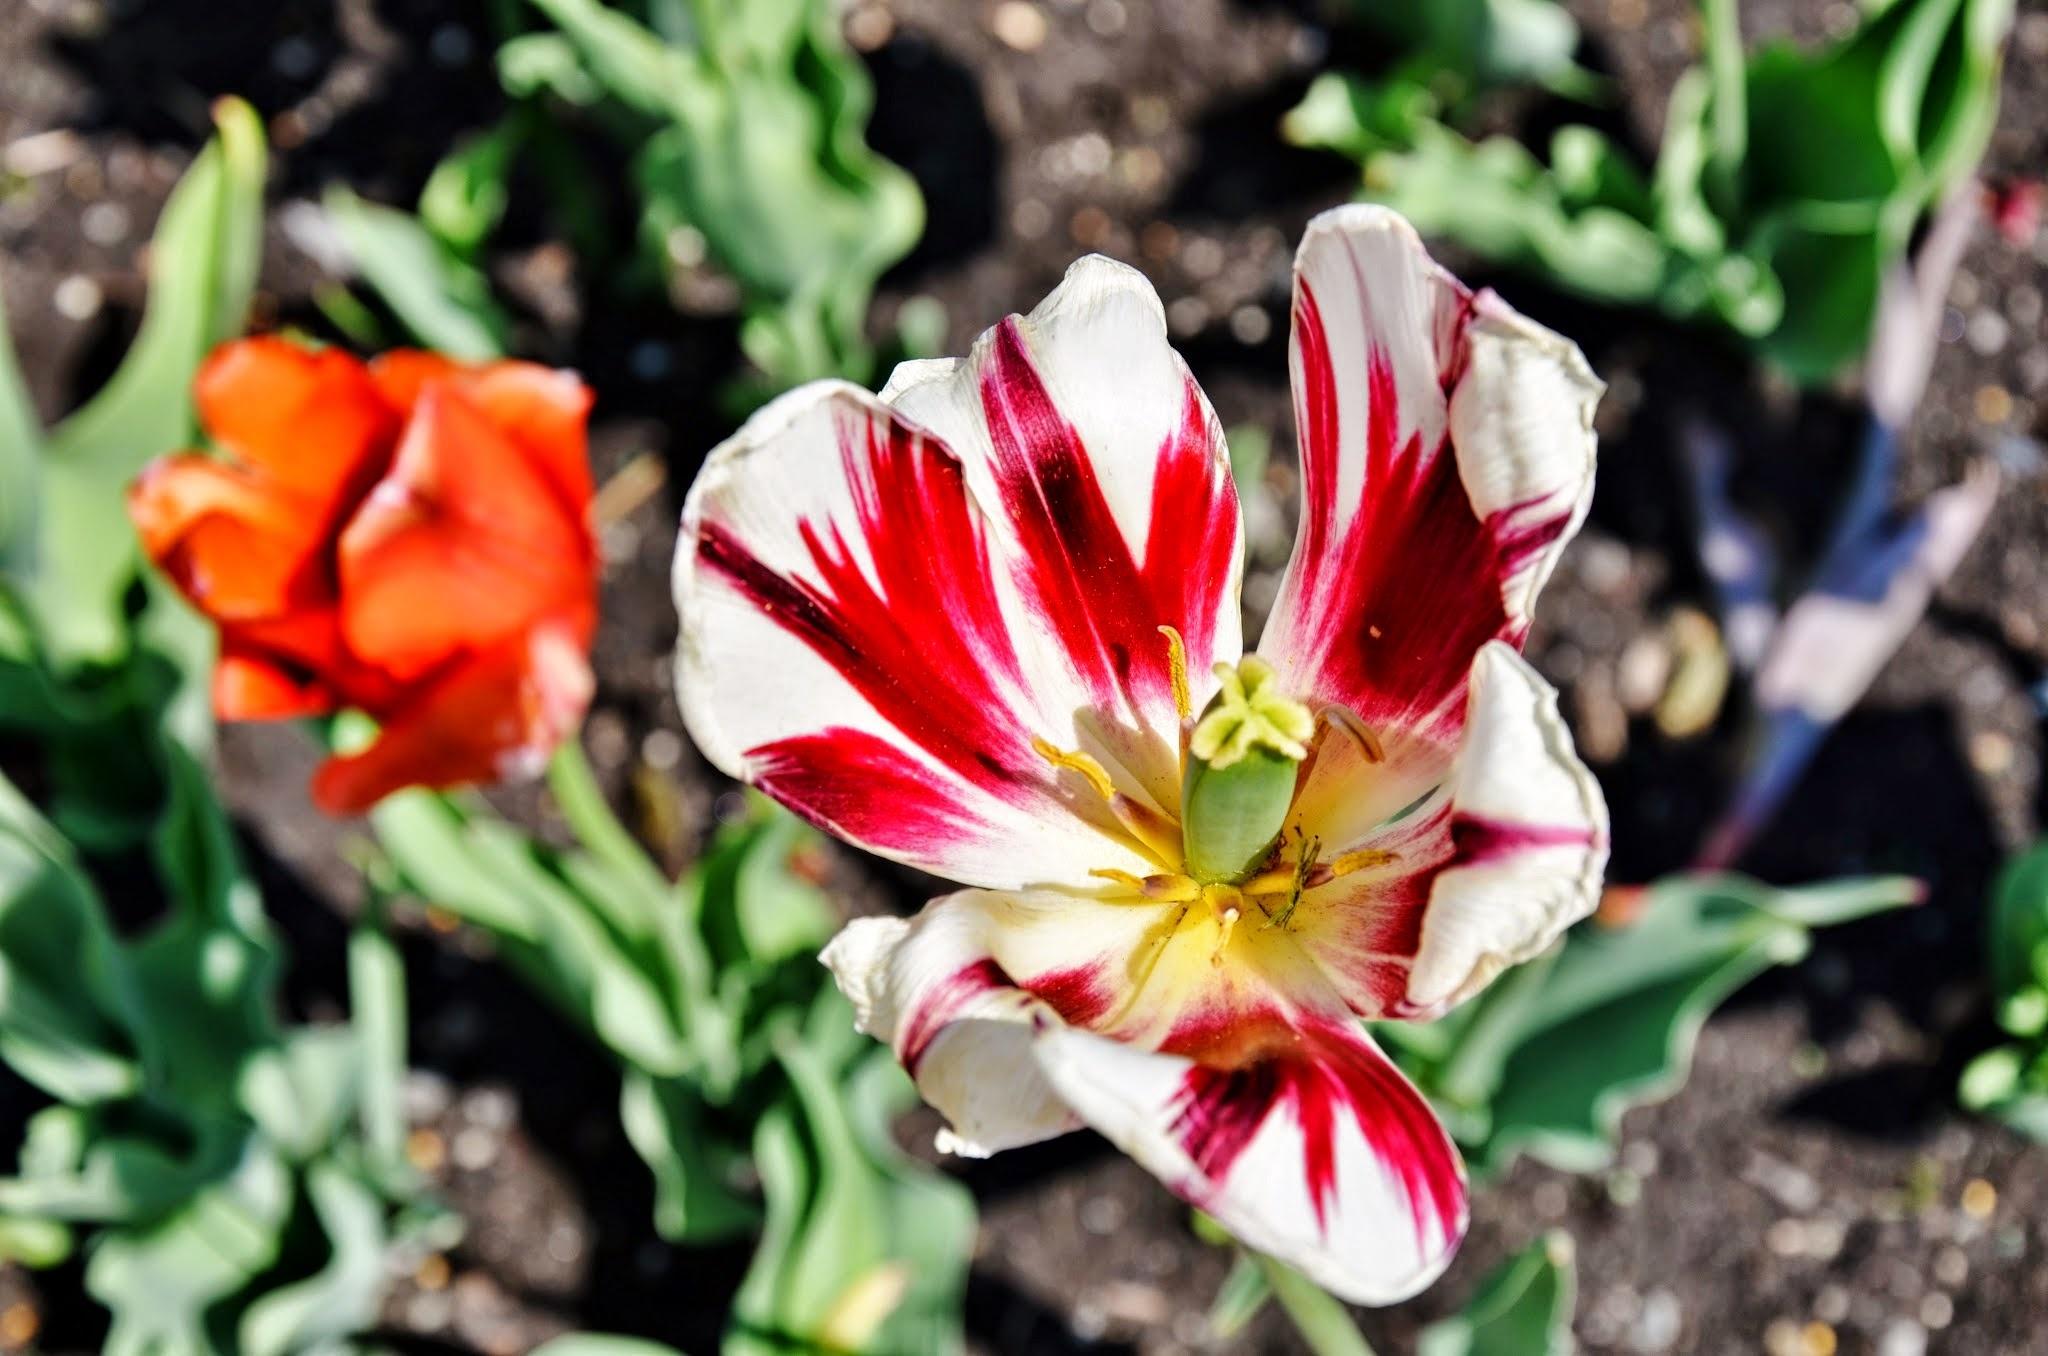 Au cœur d'une tulipe by real.michaud.5036